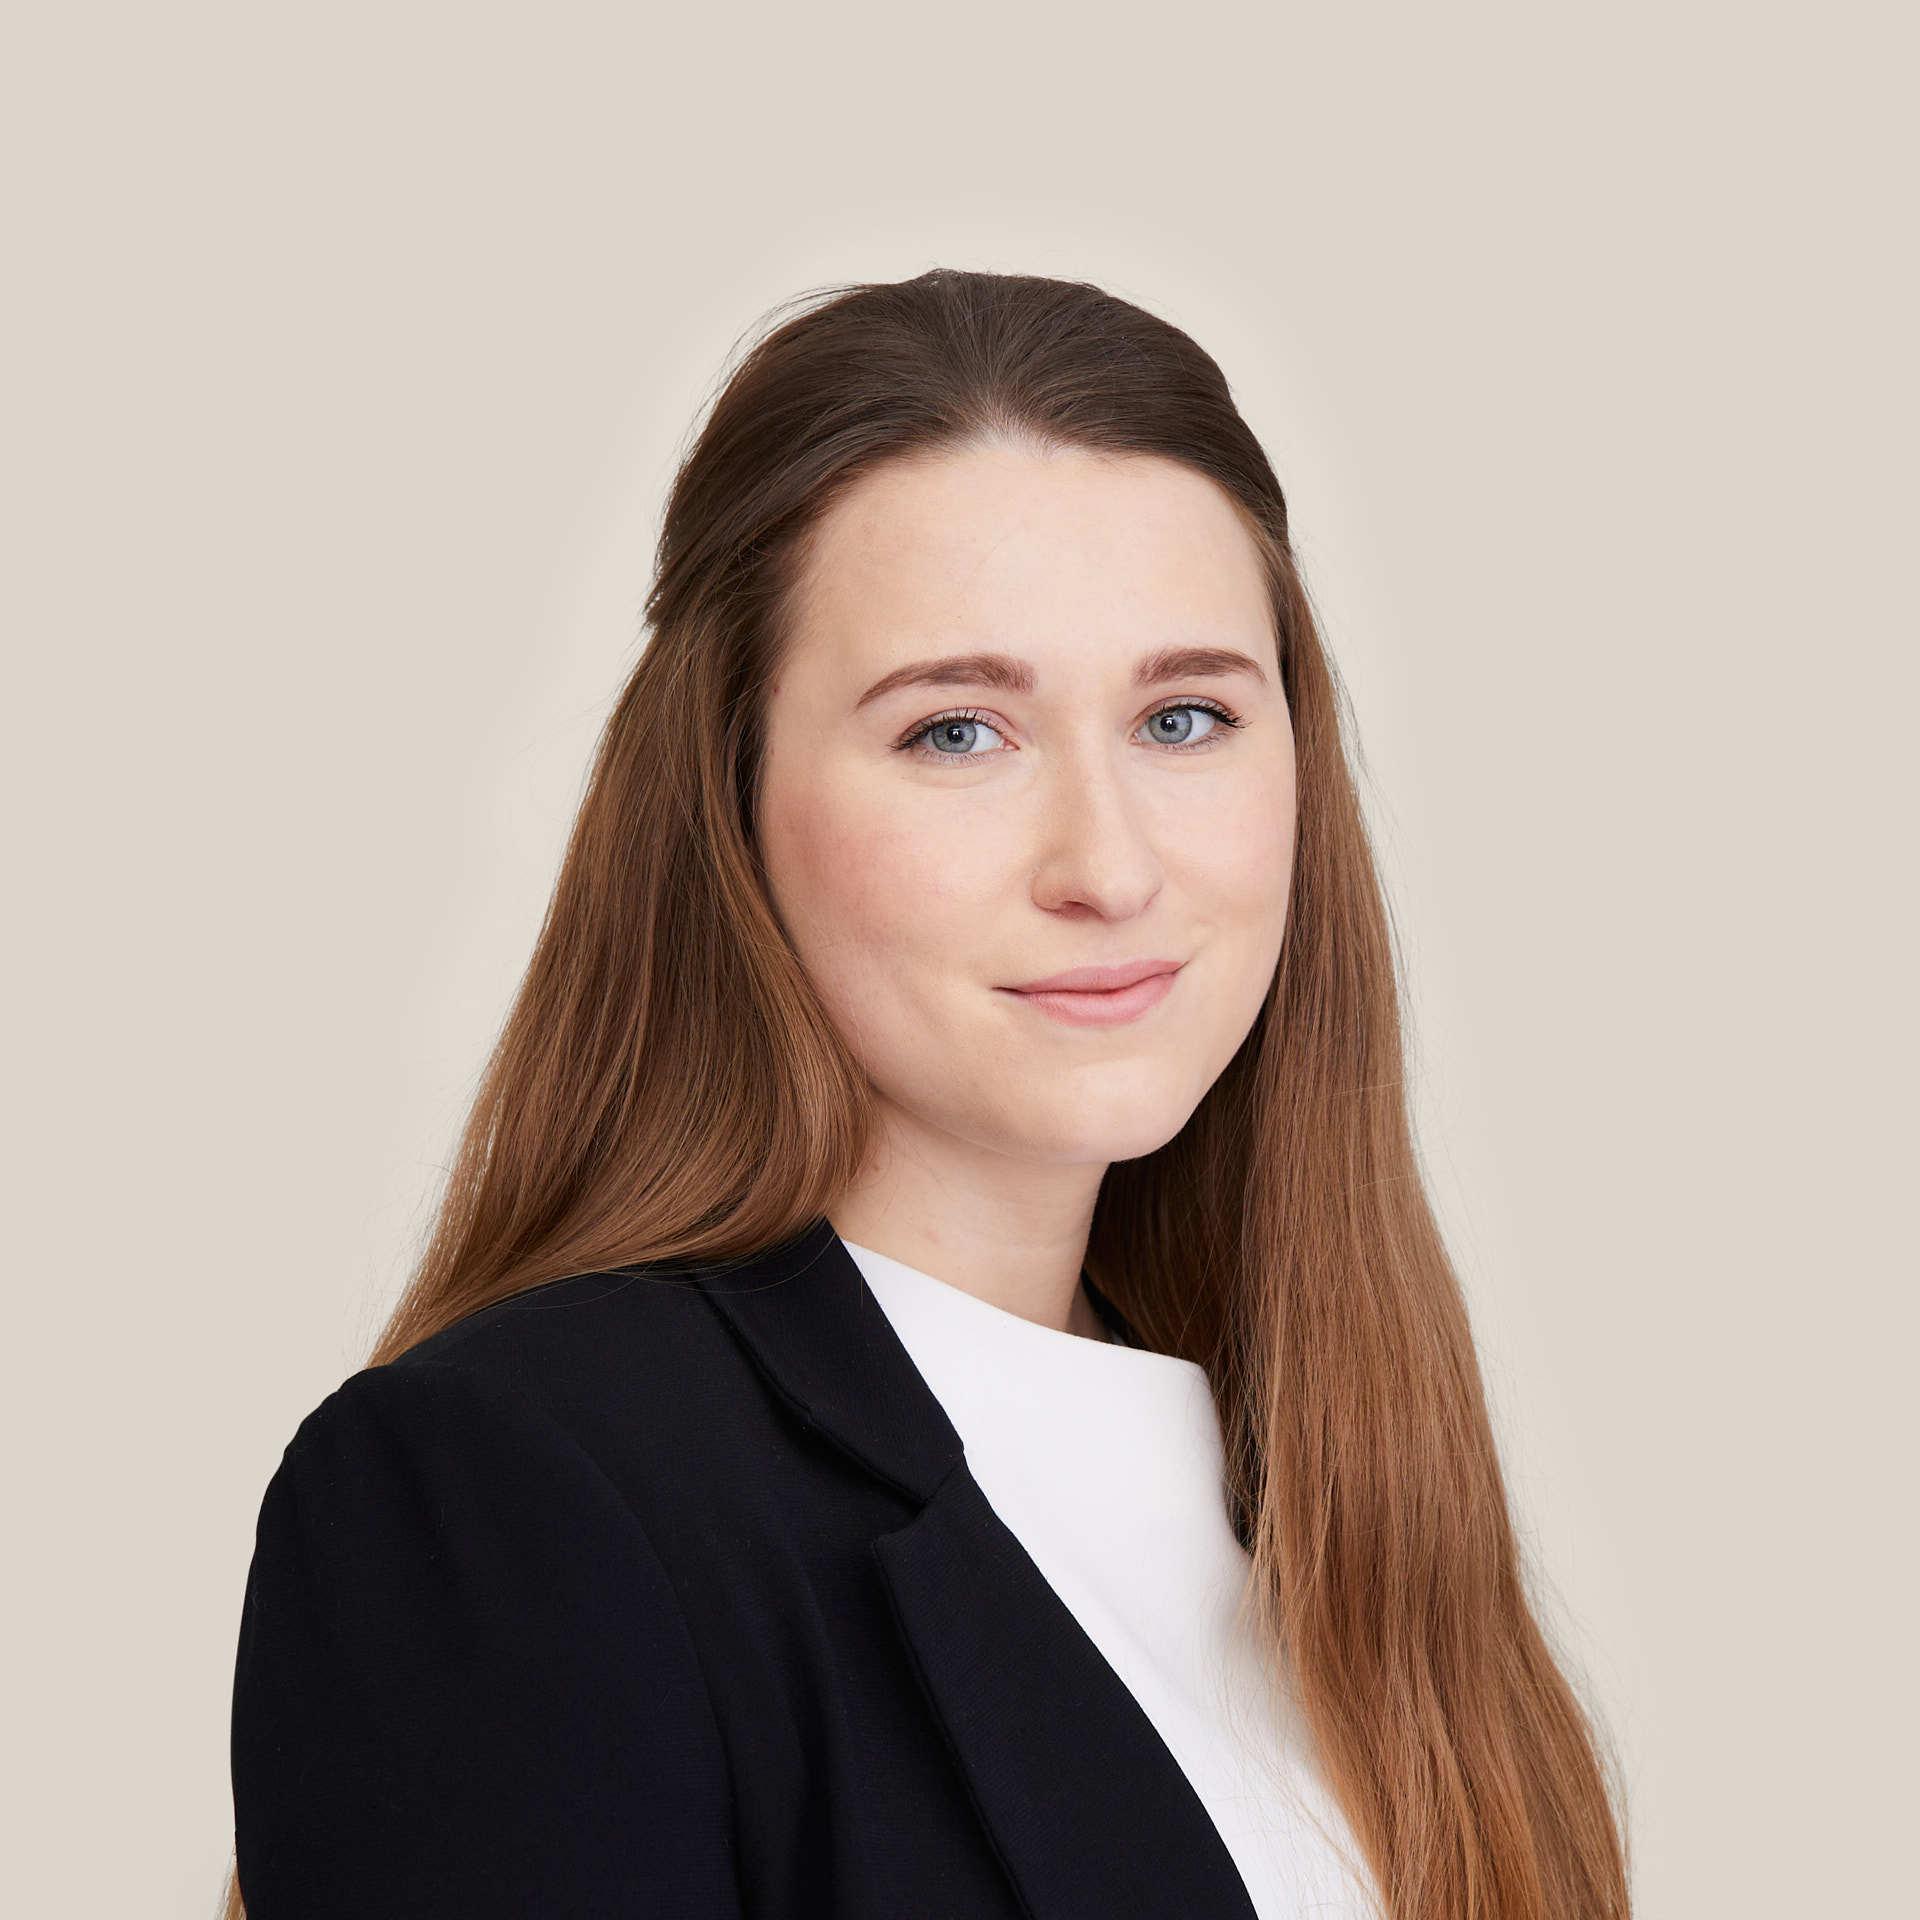 Agnieszka bartlomiejczyk